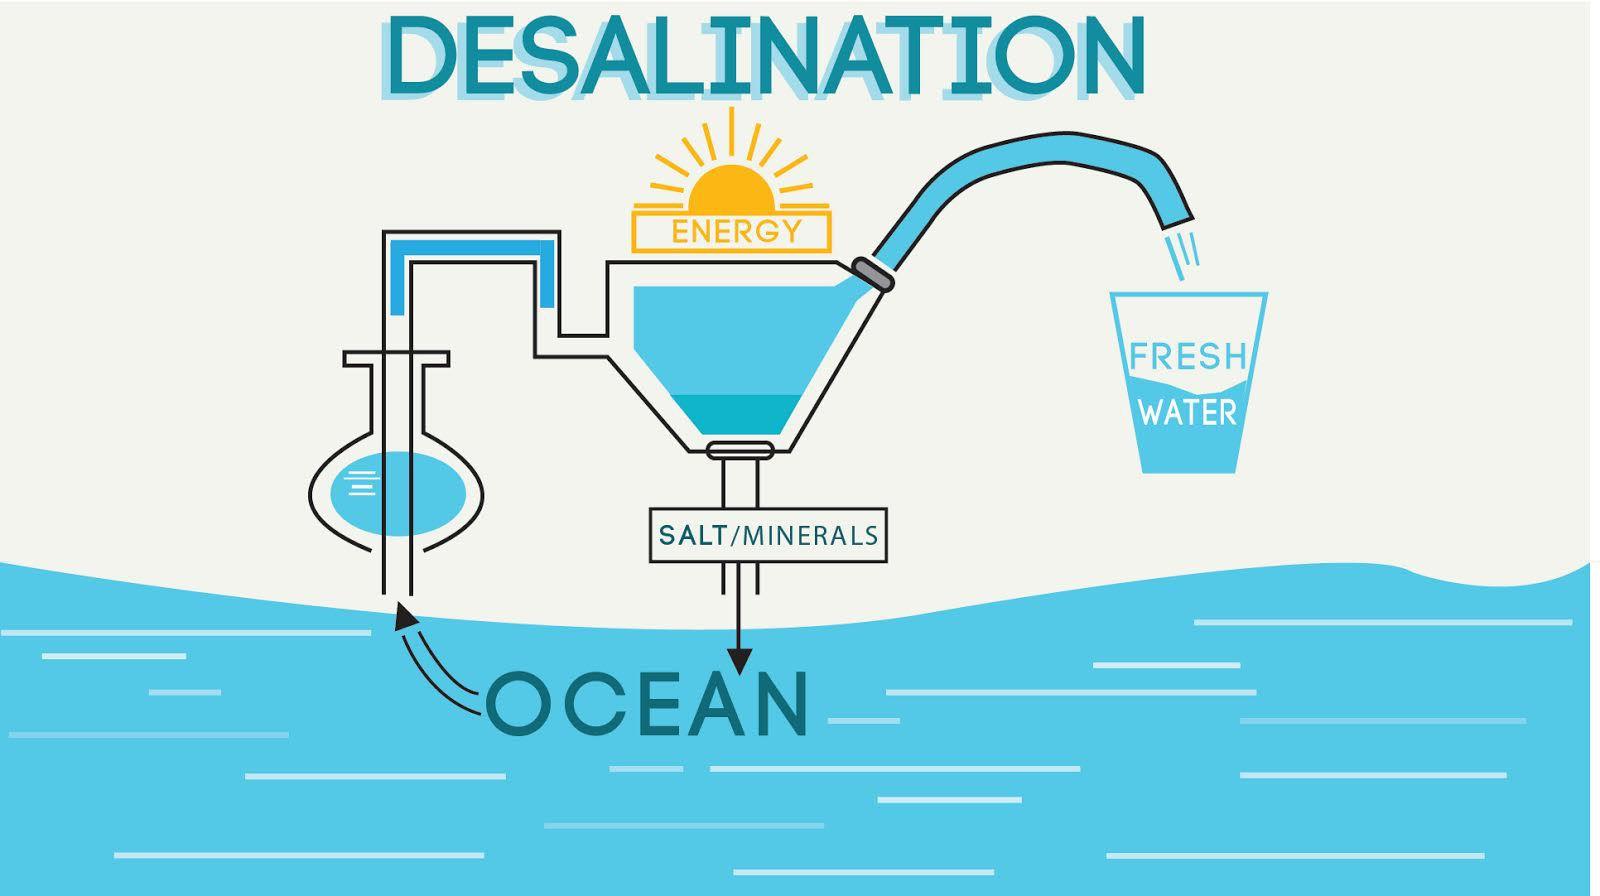 ilustrasi desalinasi